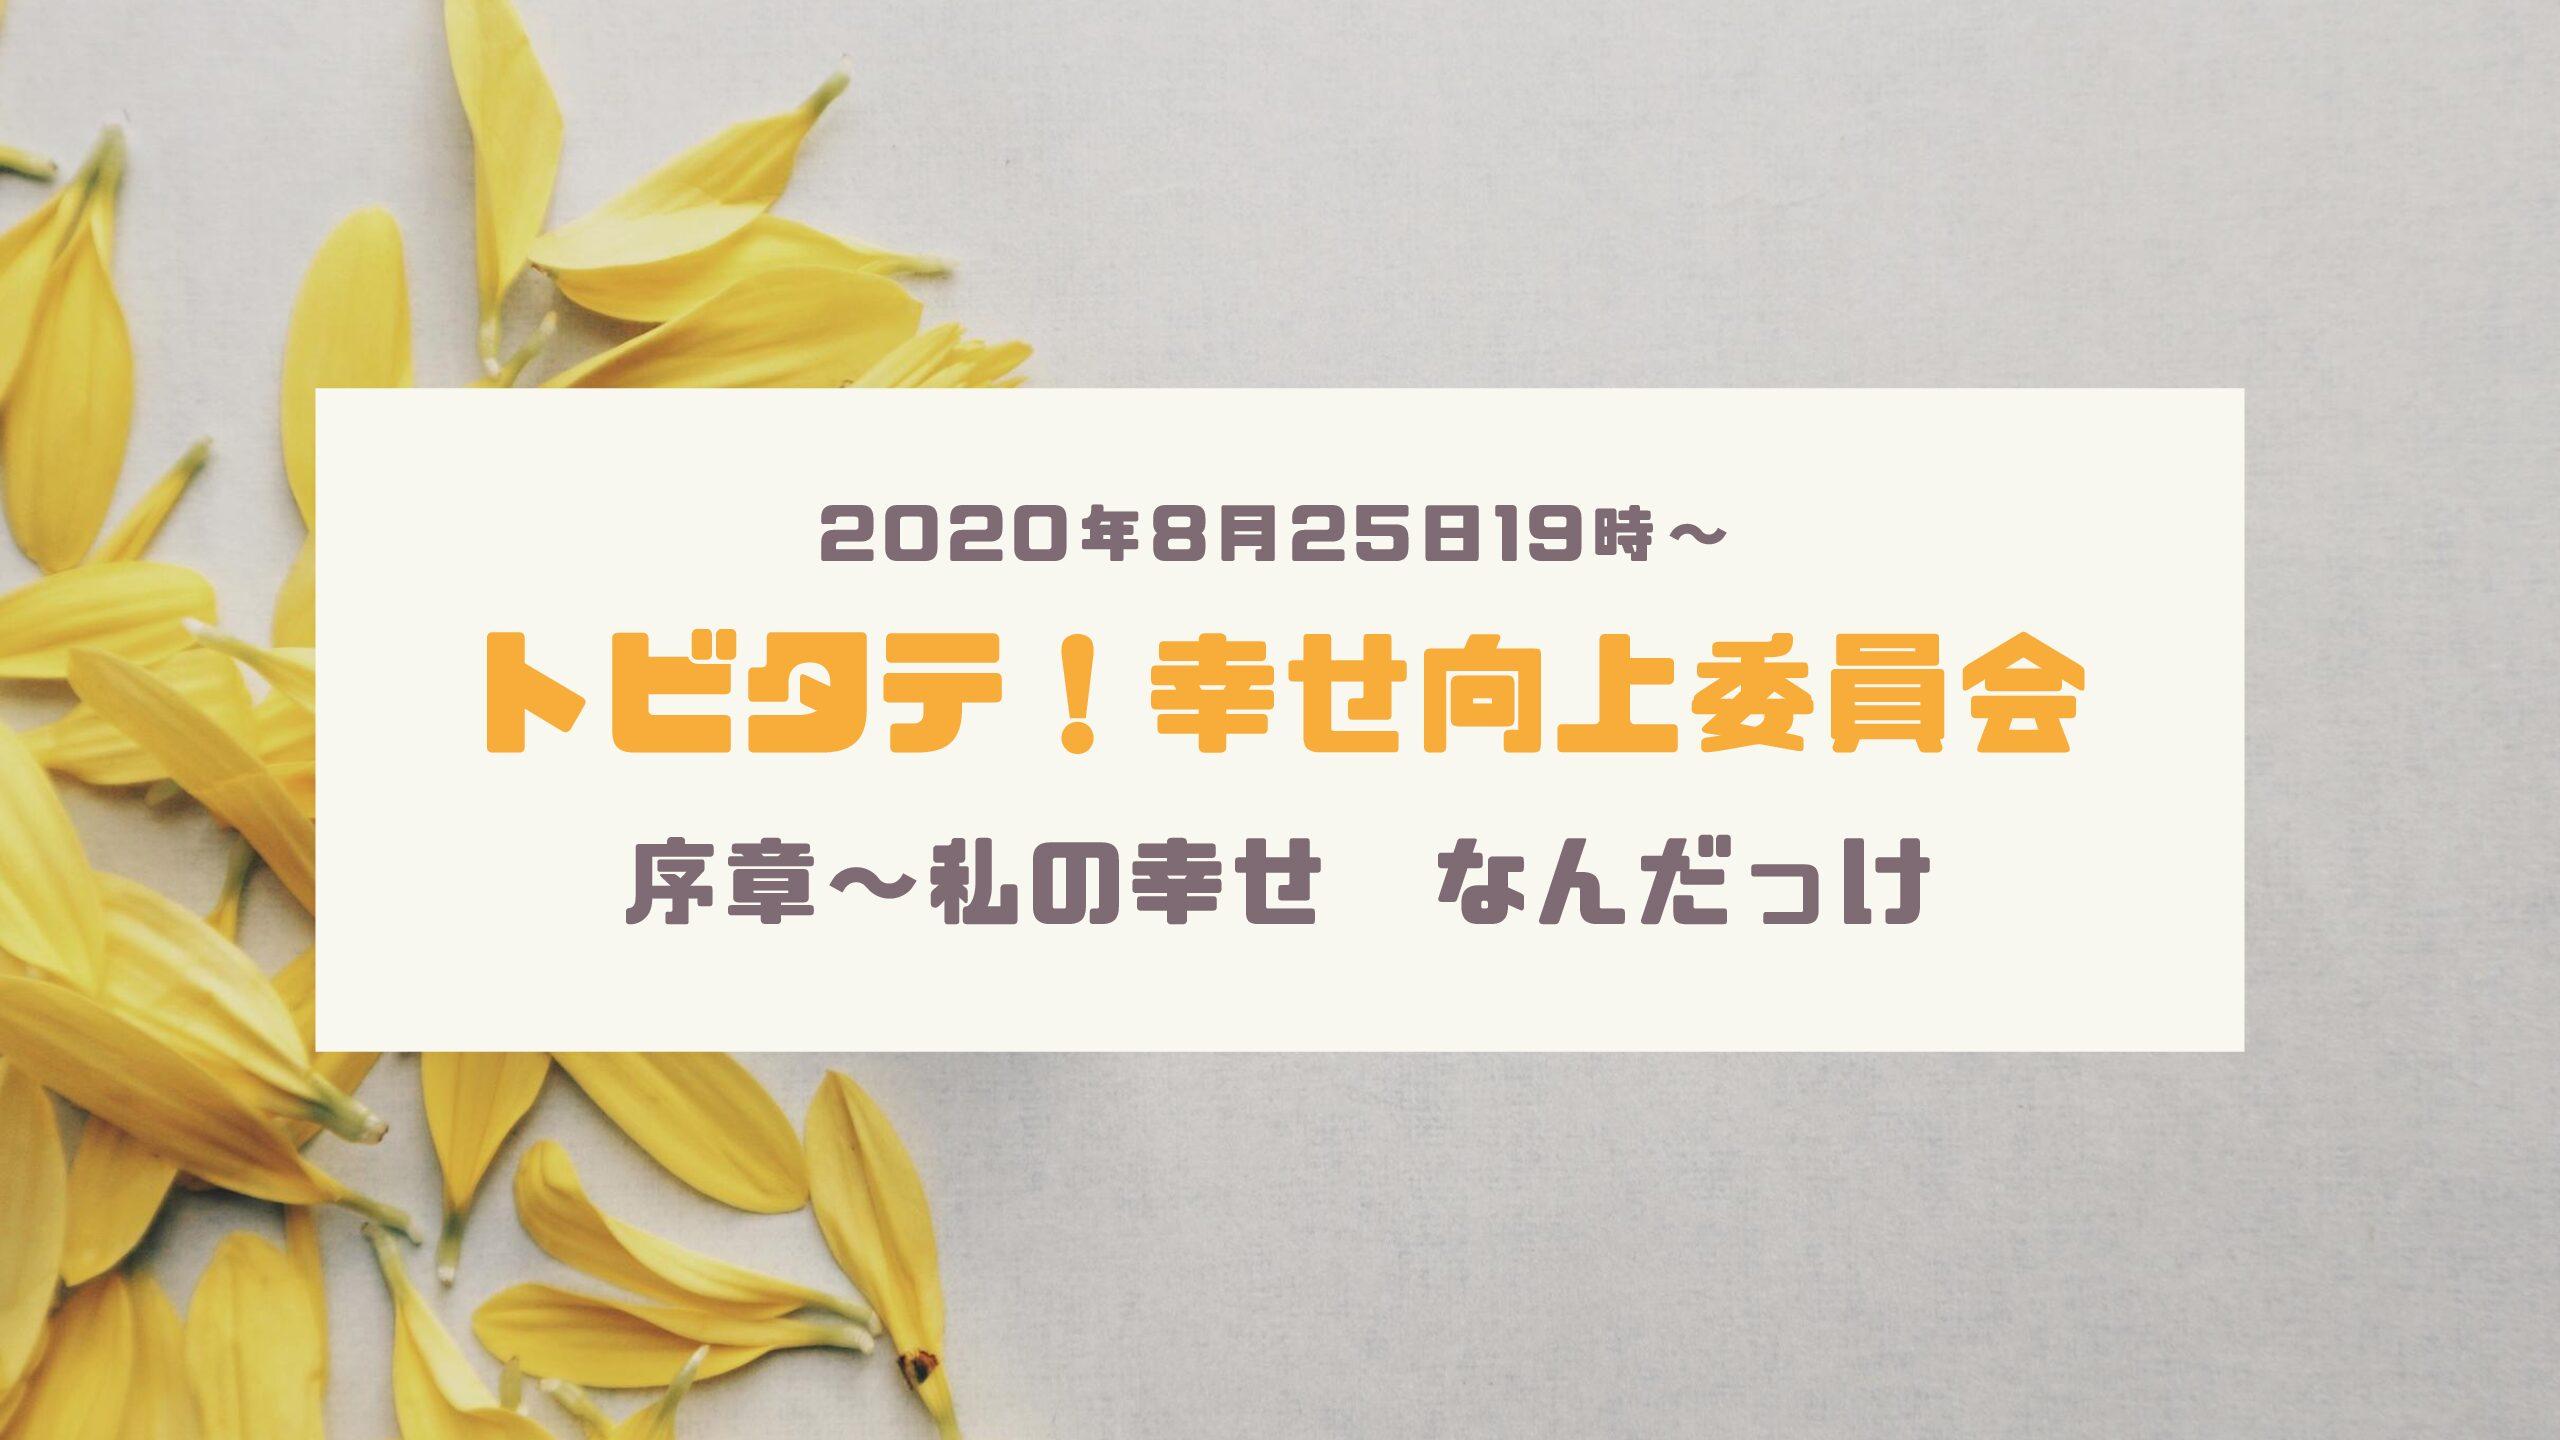 【イベント予告】トビタテ!幸せ向上委員会 ~序章 私の幸せなんだっけ~